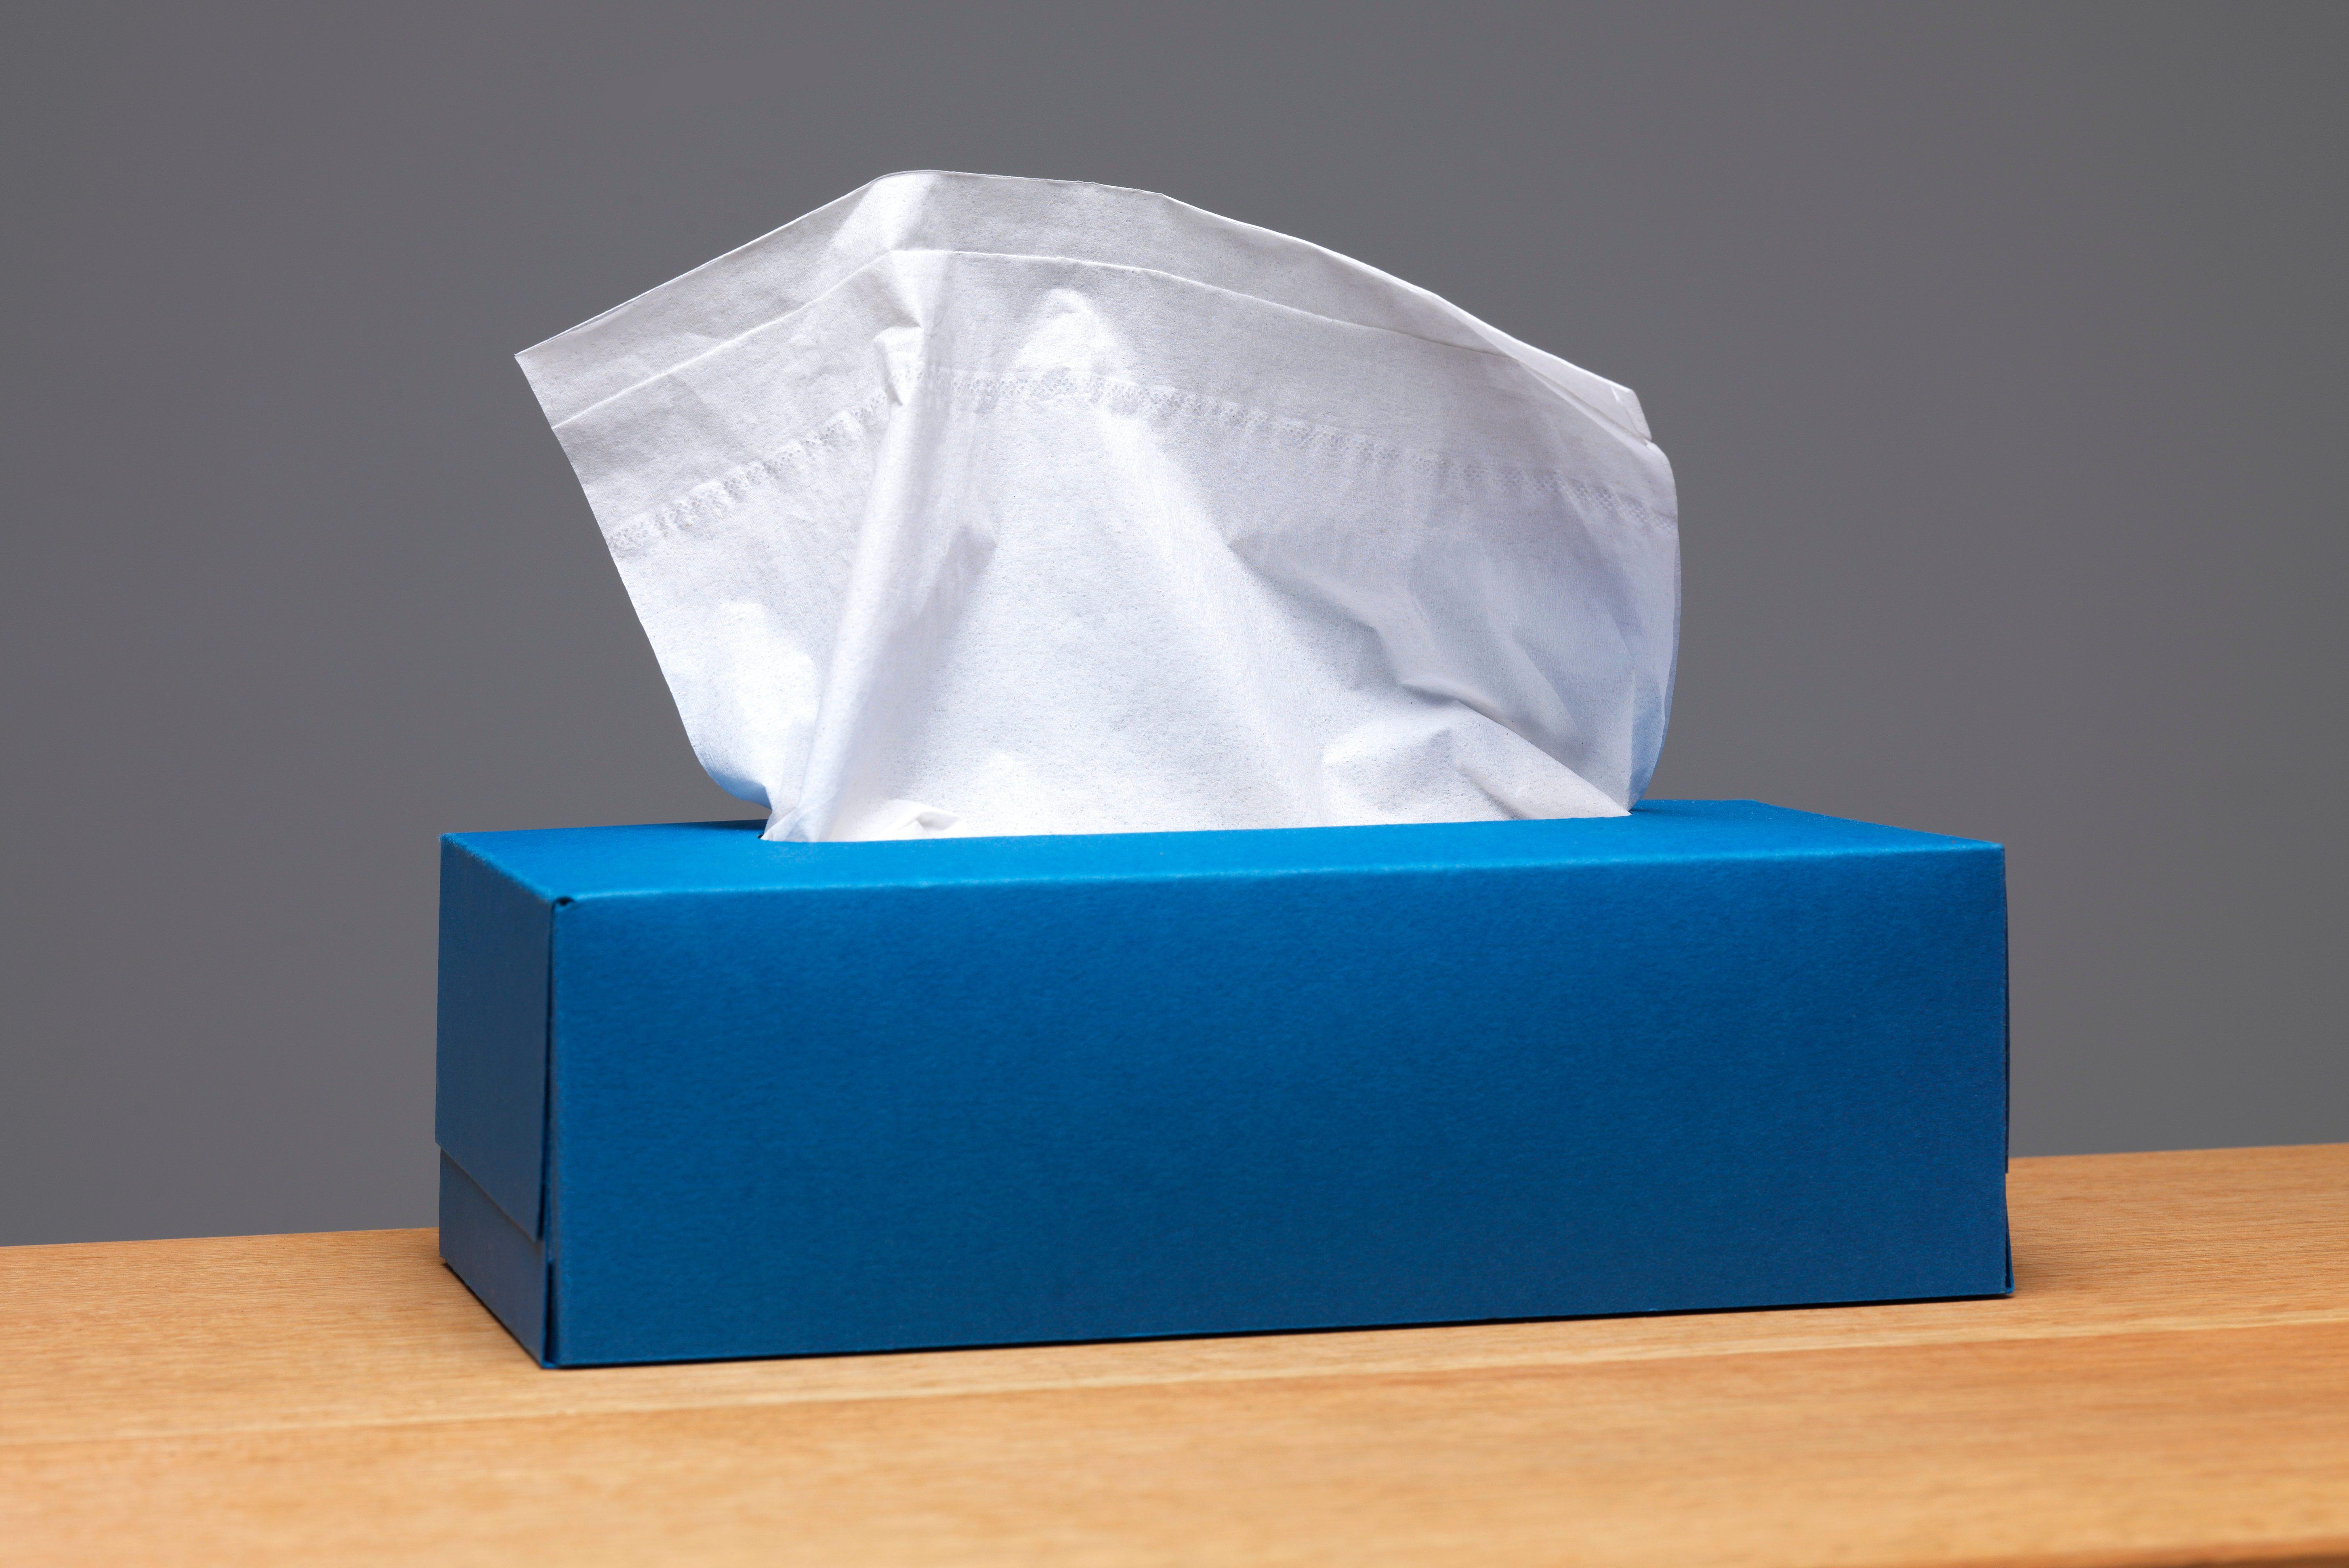 blue tissue box